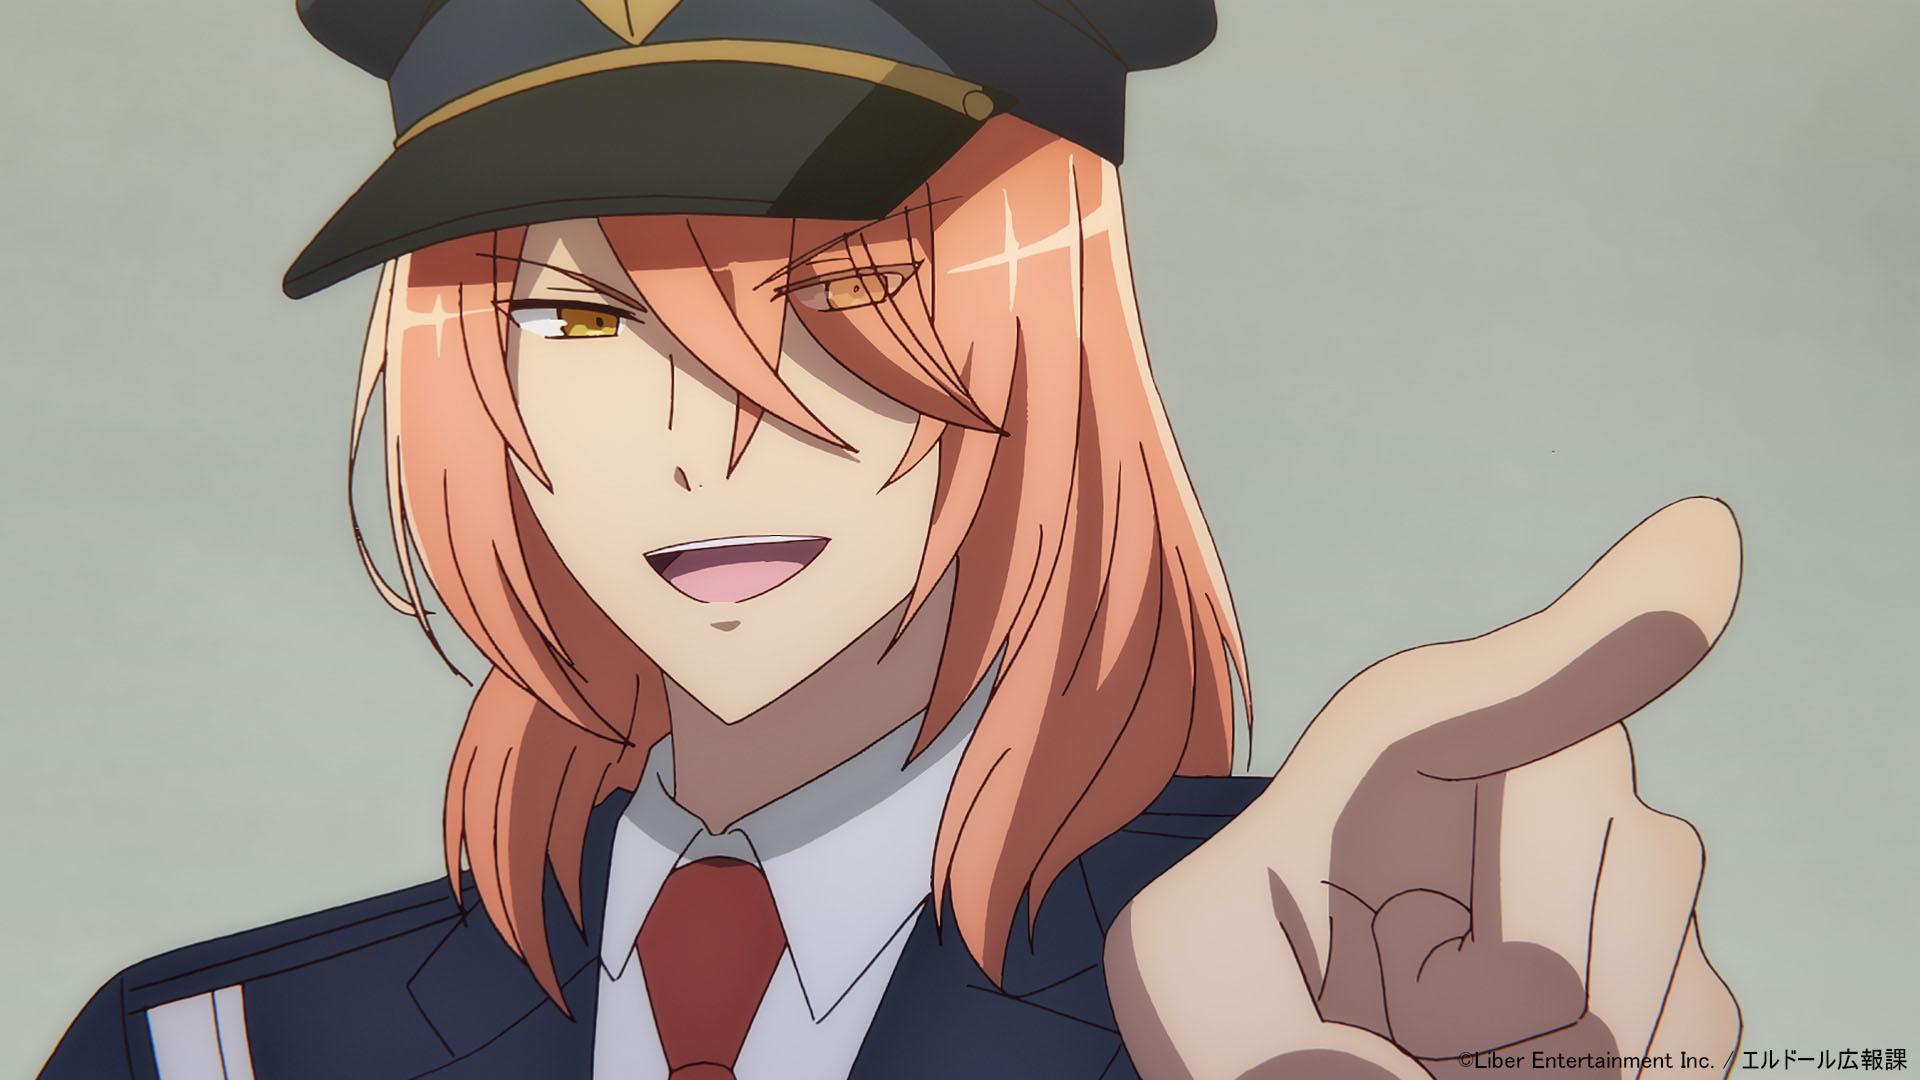 TVアニメ 『アイ★チュウ』第12話 「harmonie ~アイチュウ~」先行カット